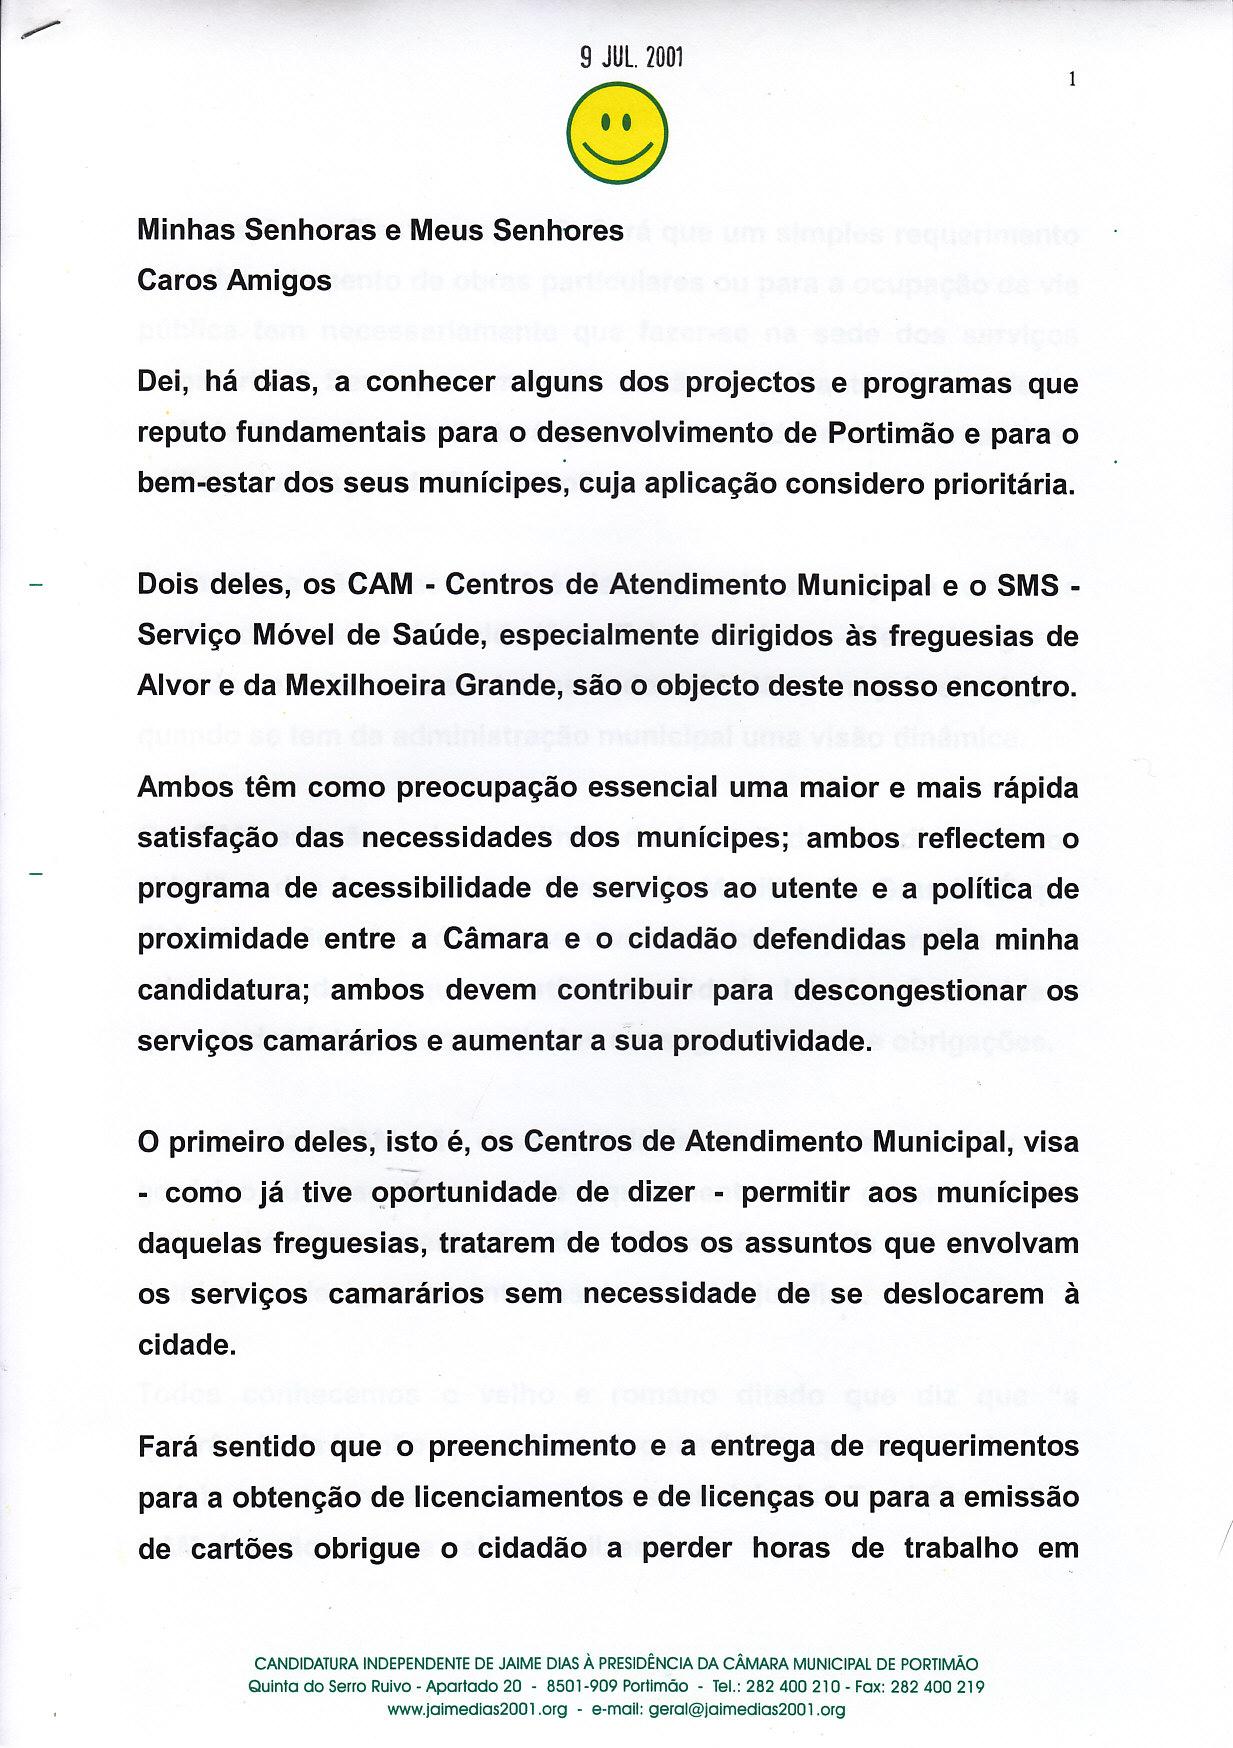 Jaime_Dias_Portimao_2001_0004